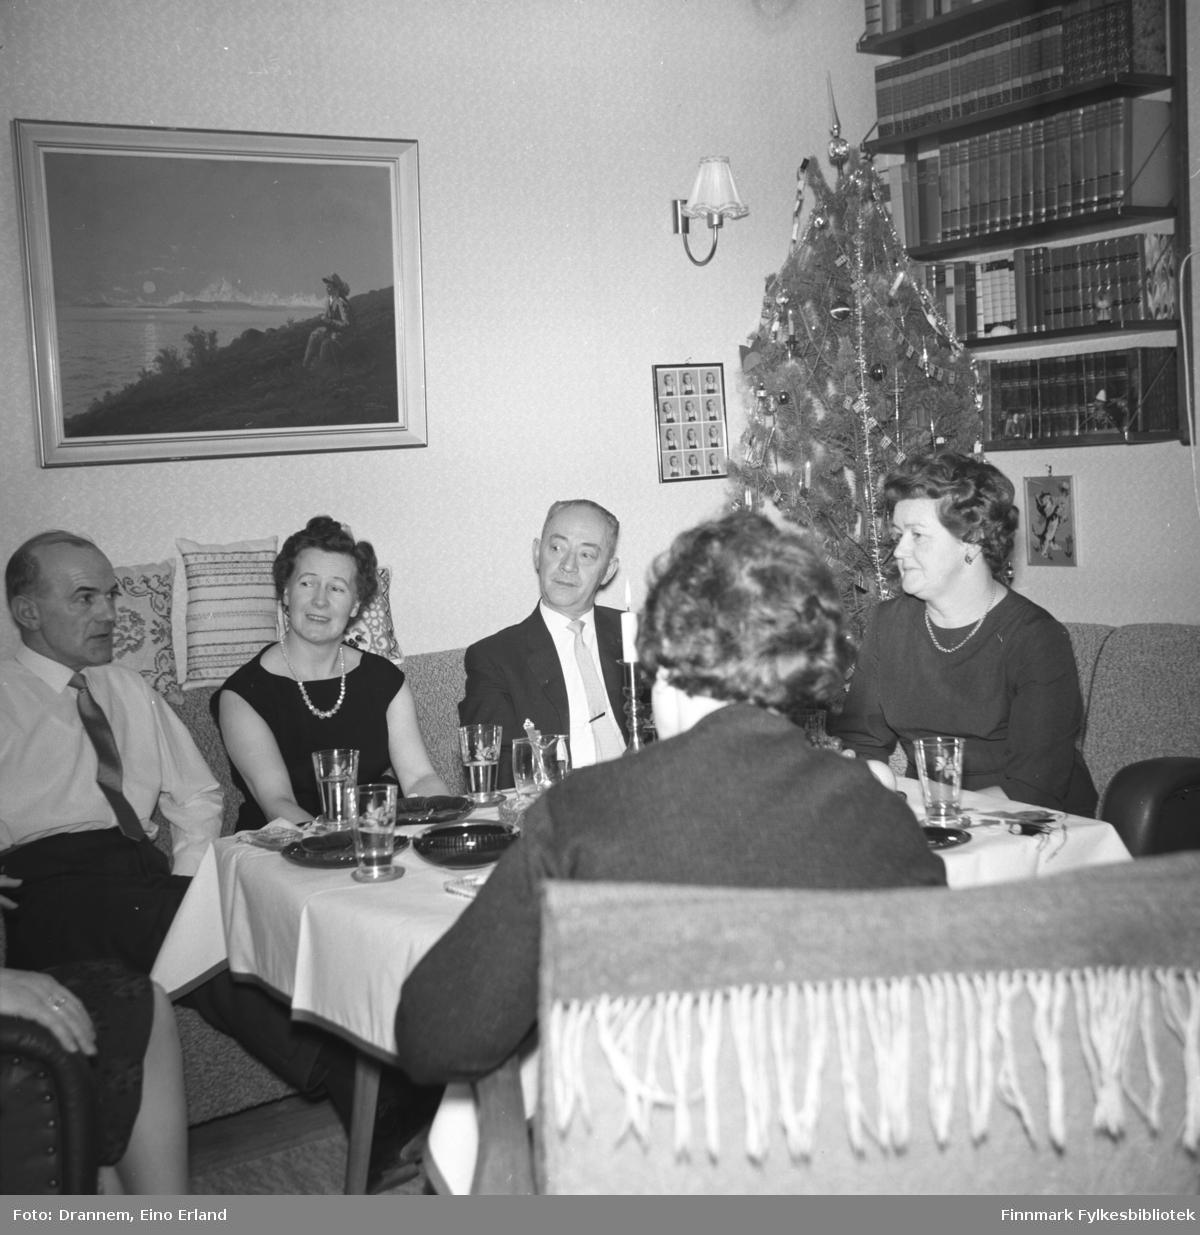 Juleselskap hjemme hos familien Drannem i Hammerfest. Personene er ukjente.